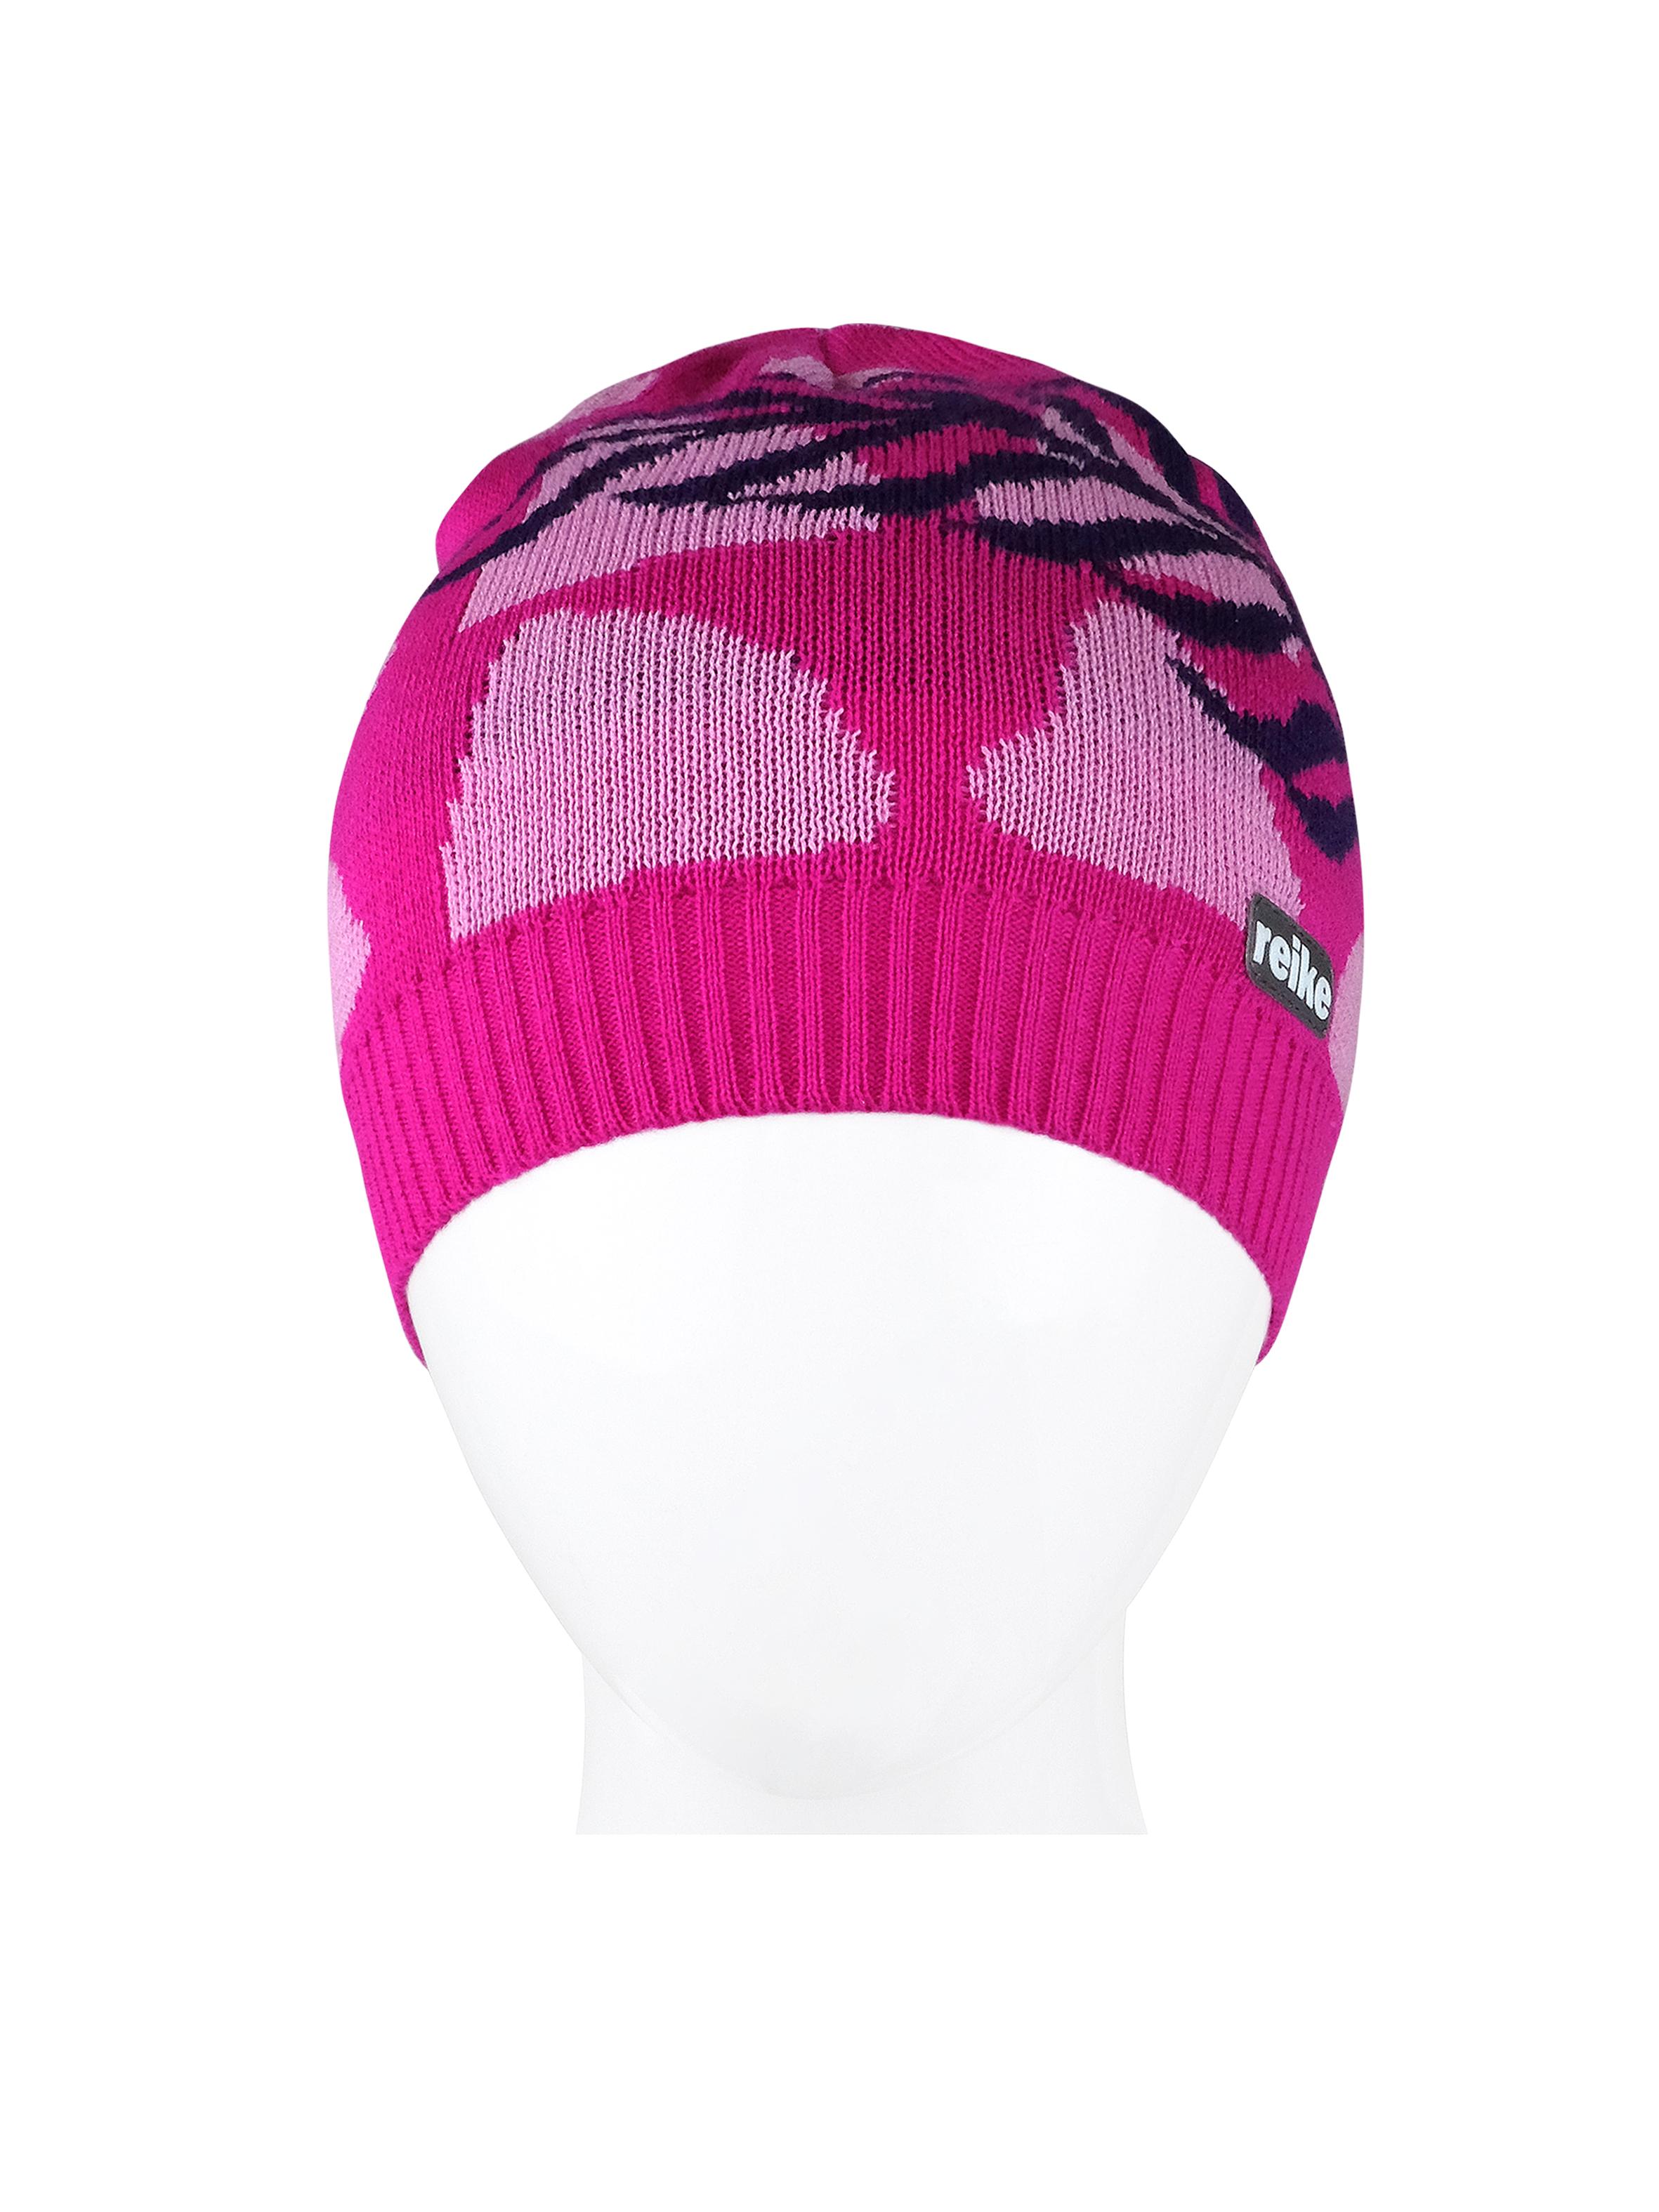 Купить Шапка для девочки Reike Fashion flamingo fuchsia, RKNSS20-FFL-YN-2 fuchsia, р.52,